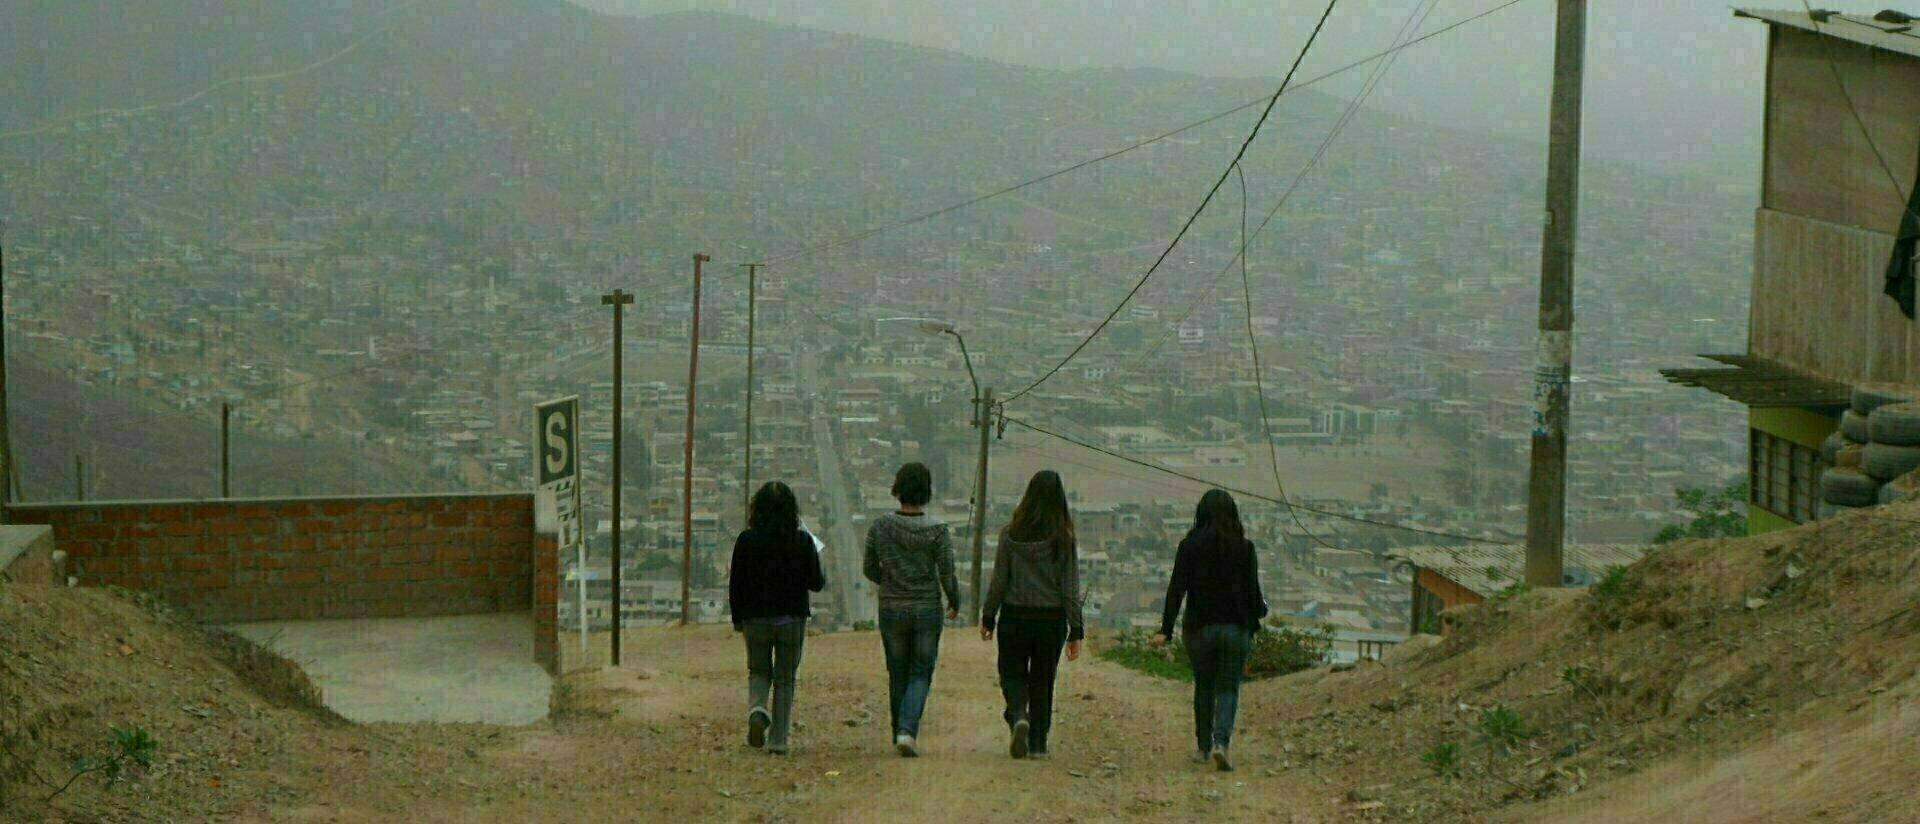 Perù - un progetto di microcredito a sostegno dell'associazione Yachay Wasi di Lima